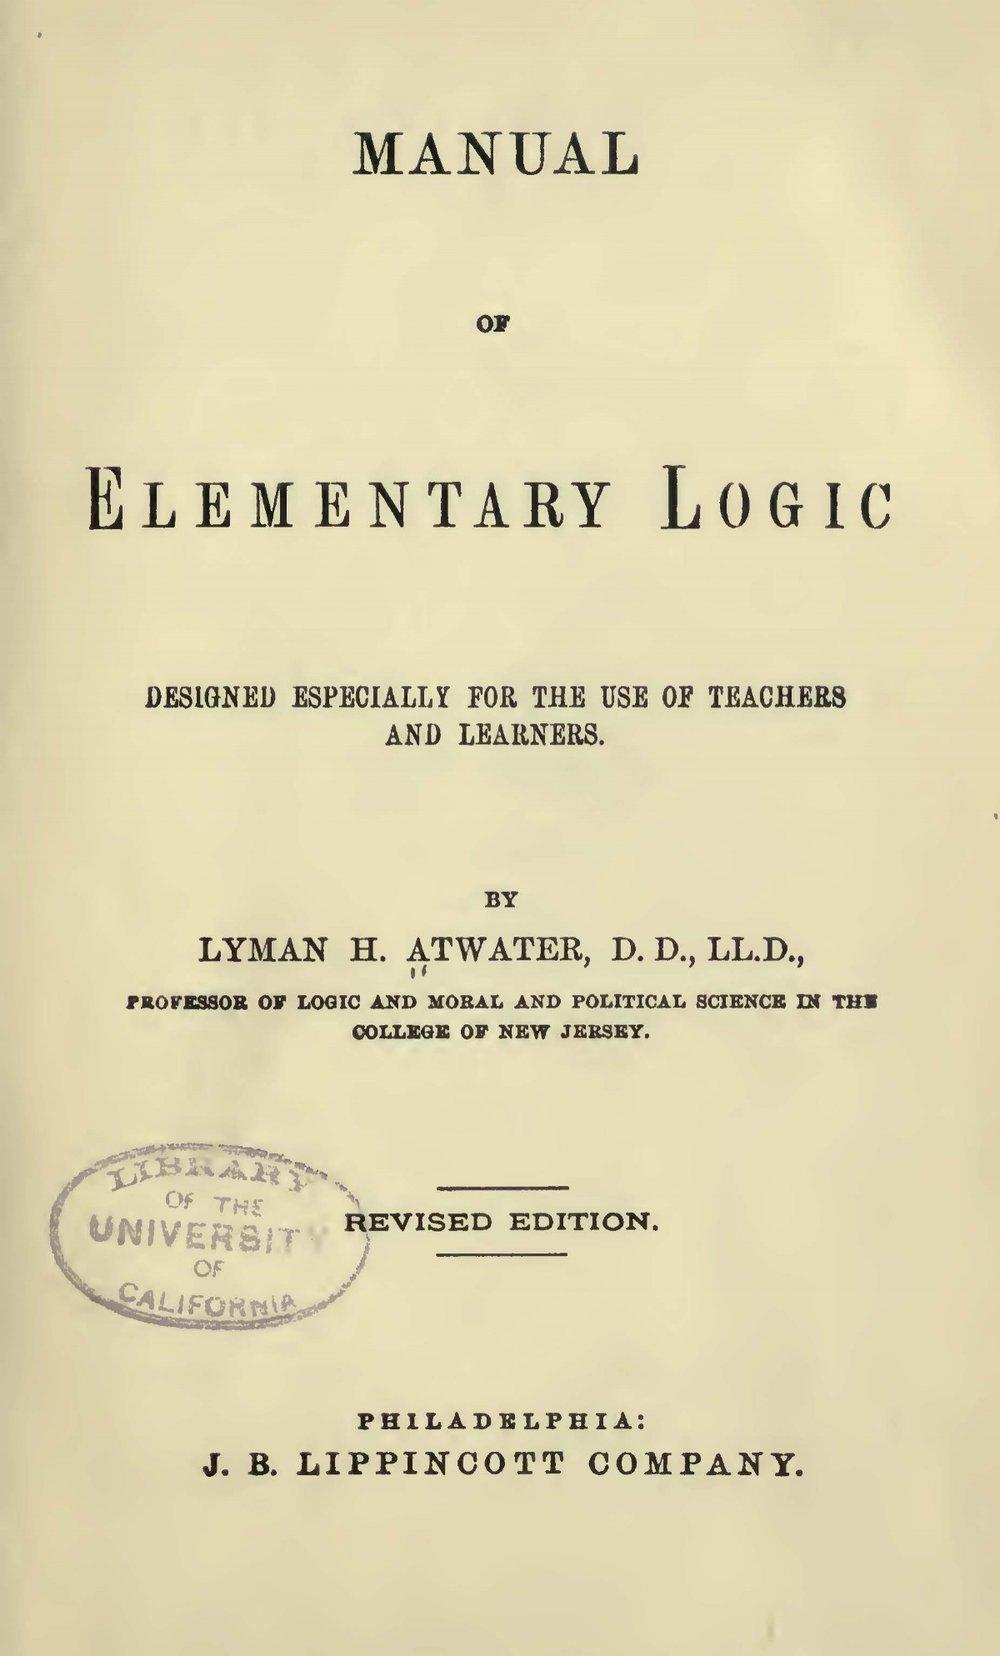 Atwater, Lyman Hotchkiss, Manual of Elementary Logic Title Page.jpg